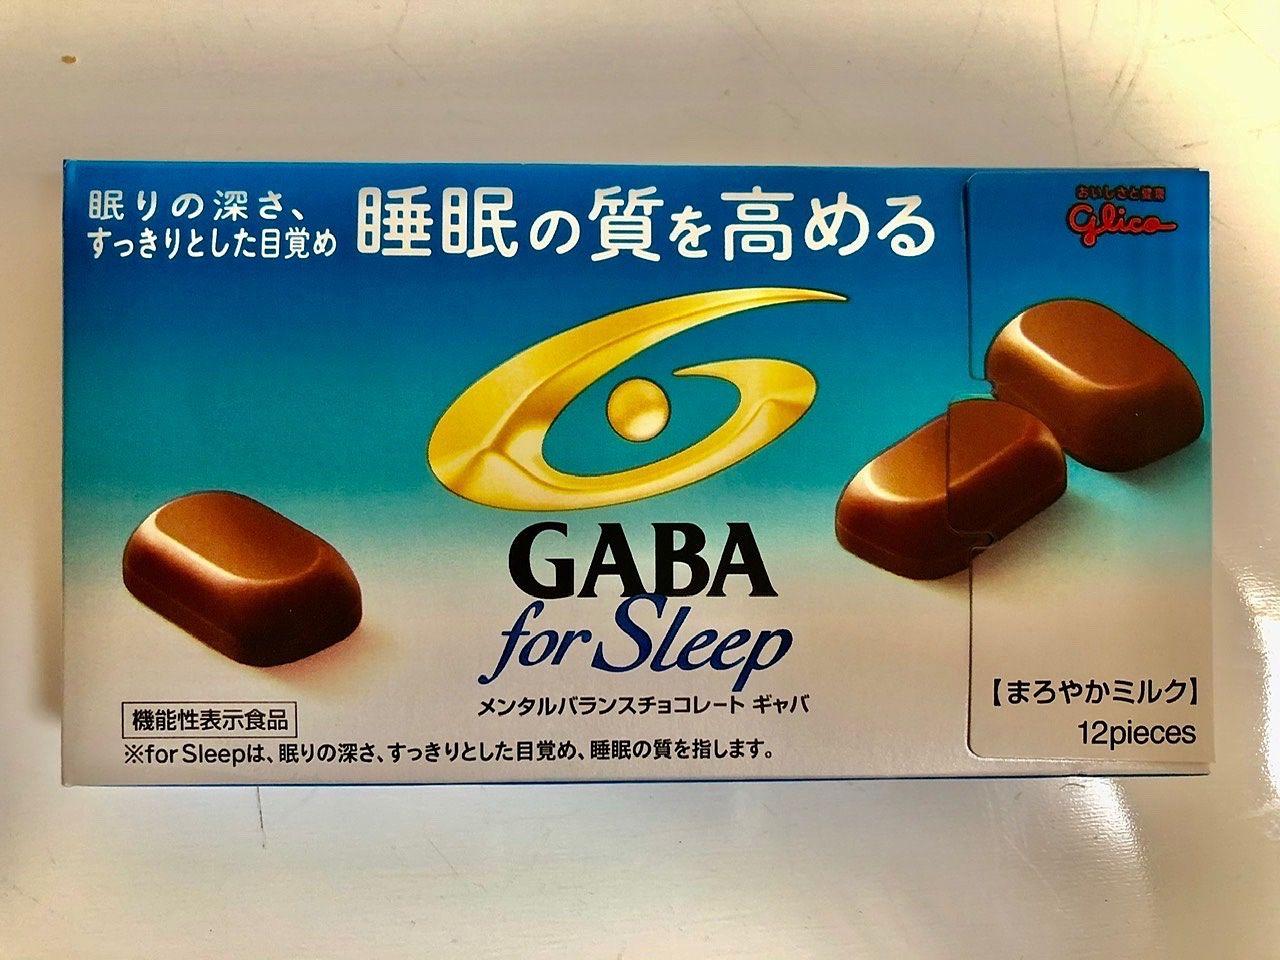 GABA for sleep 良い睡眠習慣ができた気がする